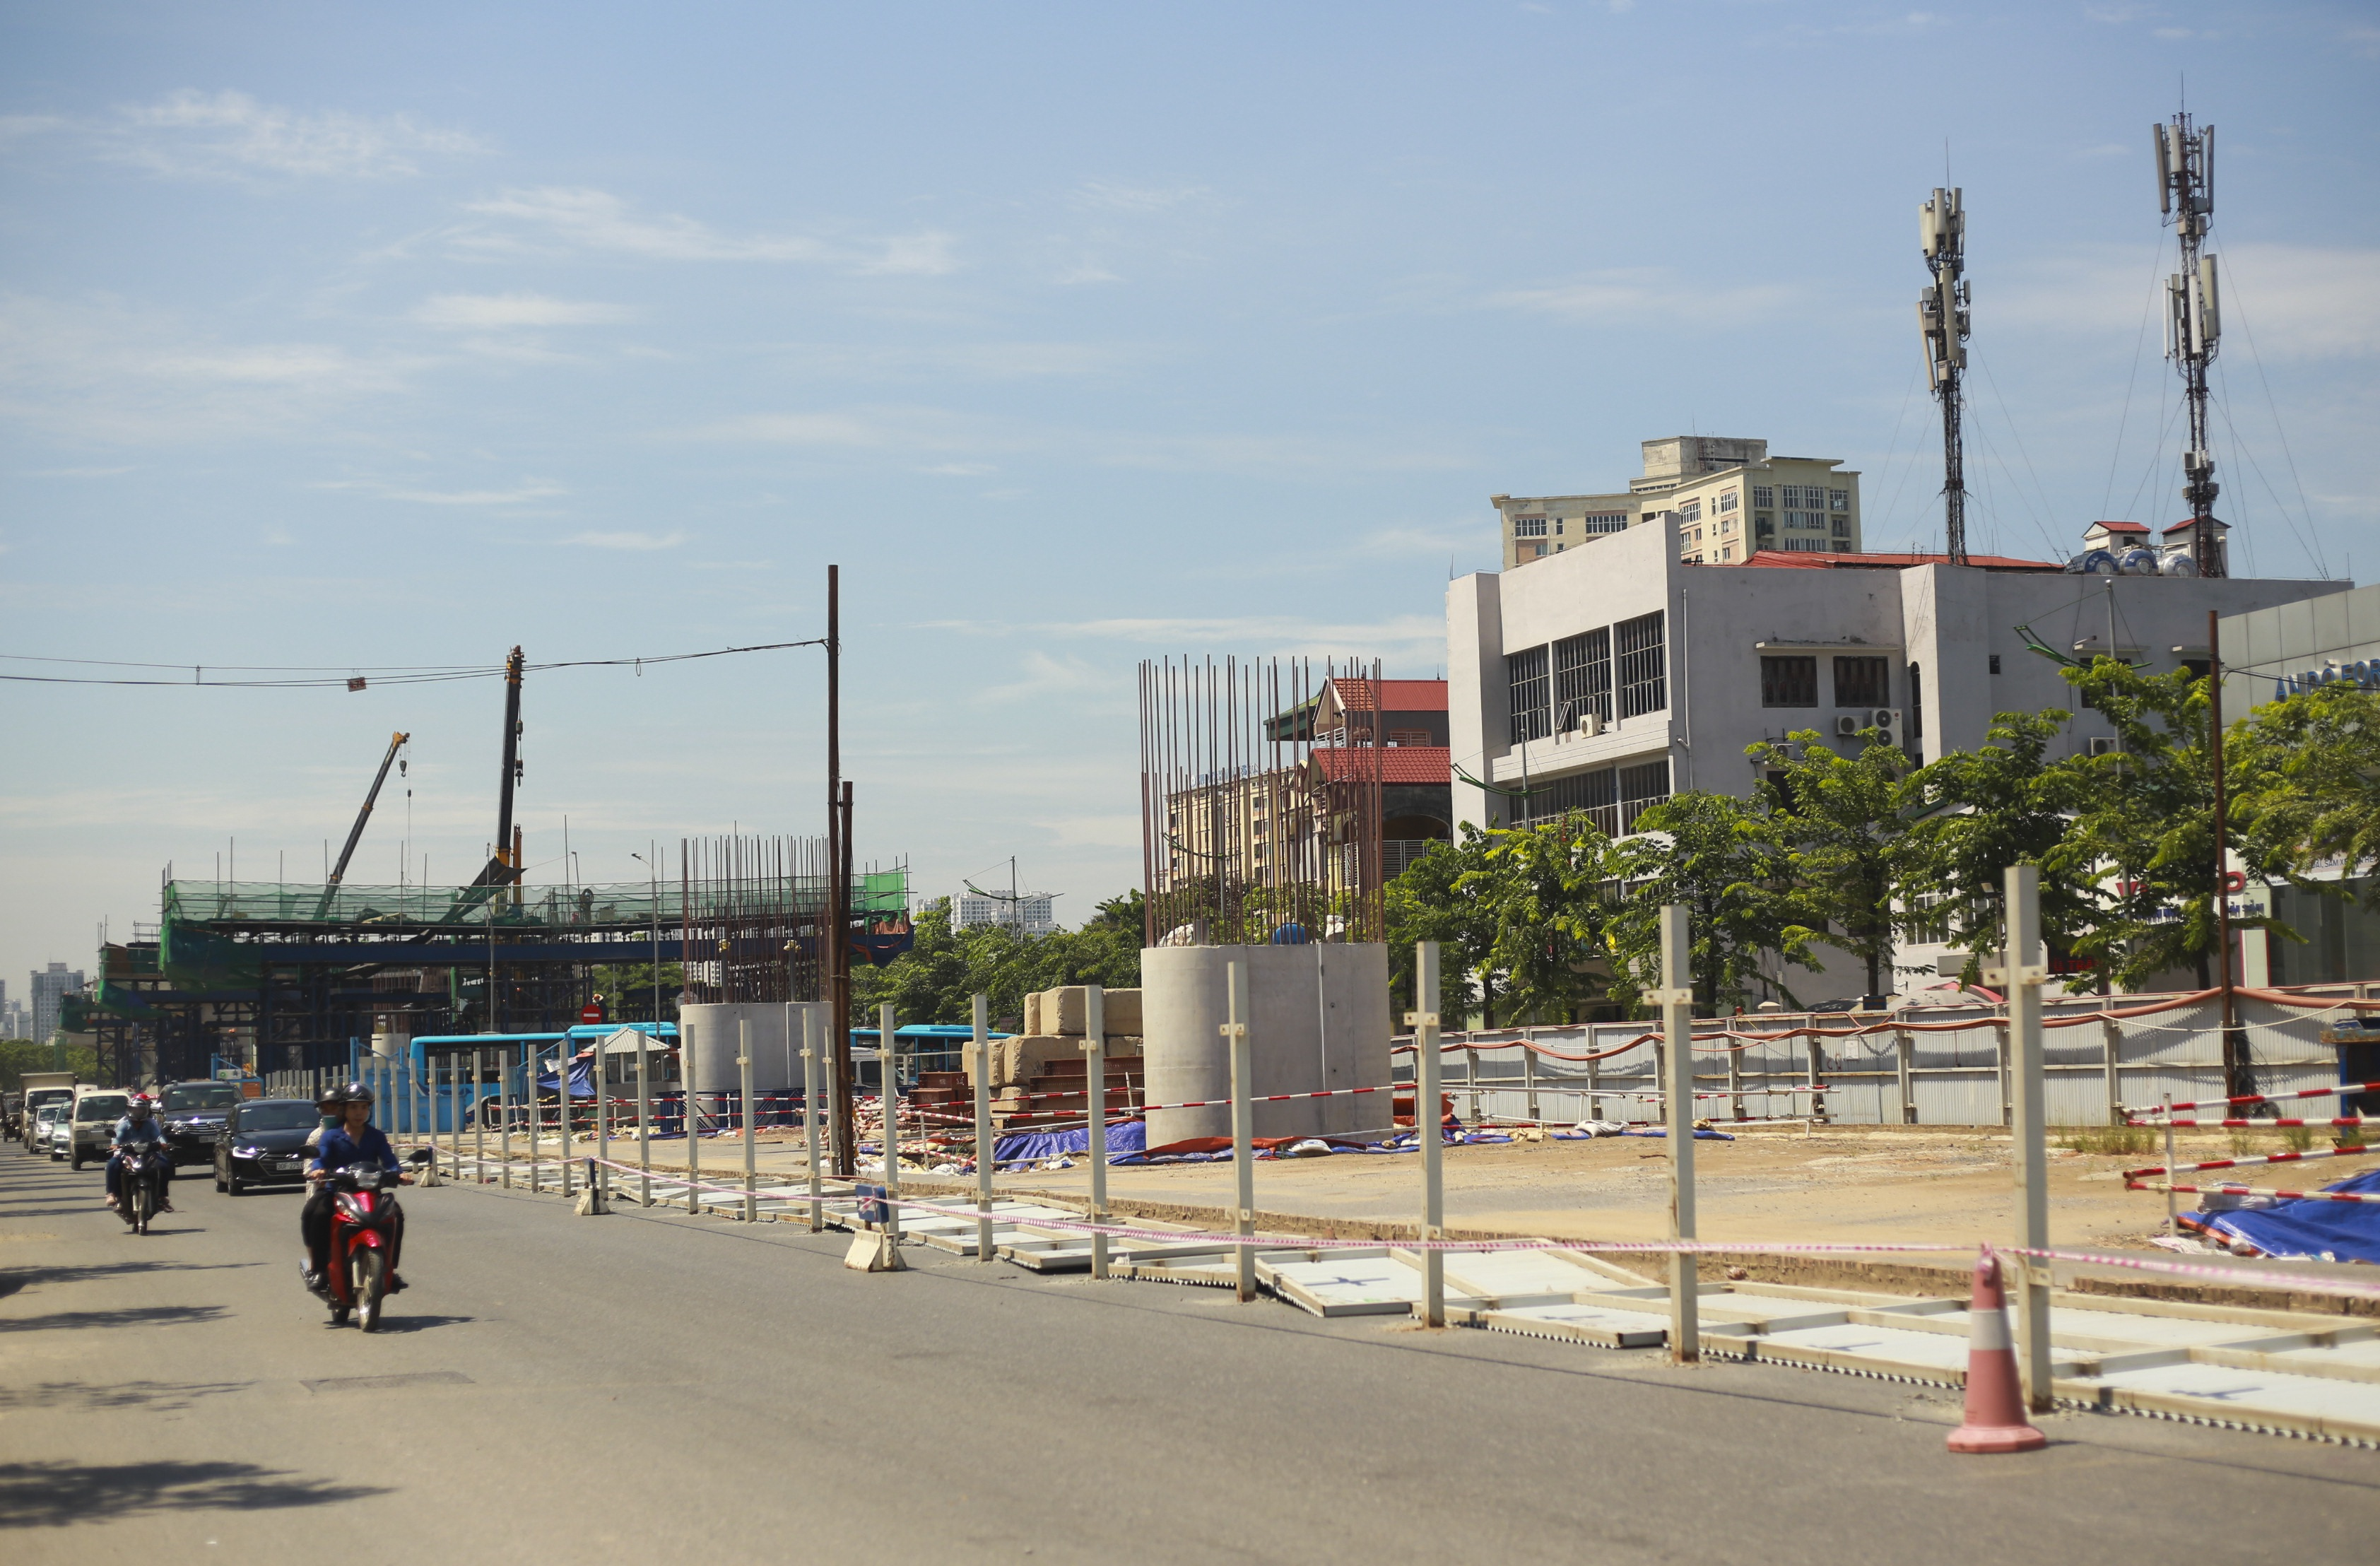 Toàn cảnh đại công trường đường 8.500 tỷ đồng ở cửa ngõ Hà Nội - 10